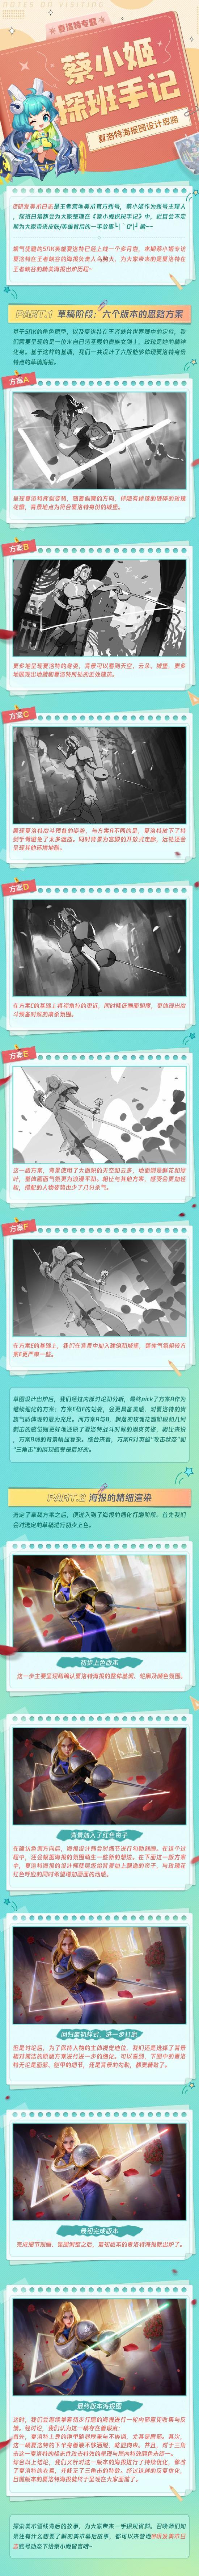 【蔡小姬探班手记】夏洛特海报的设计故事